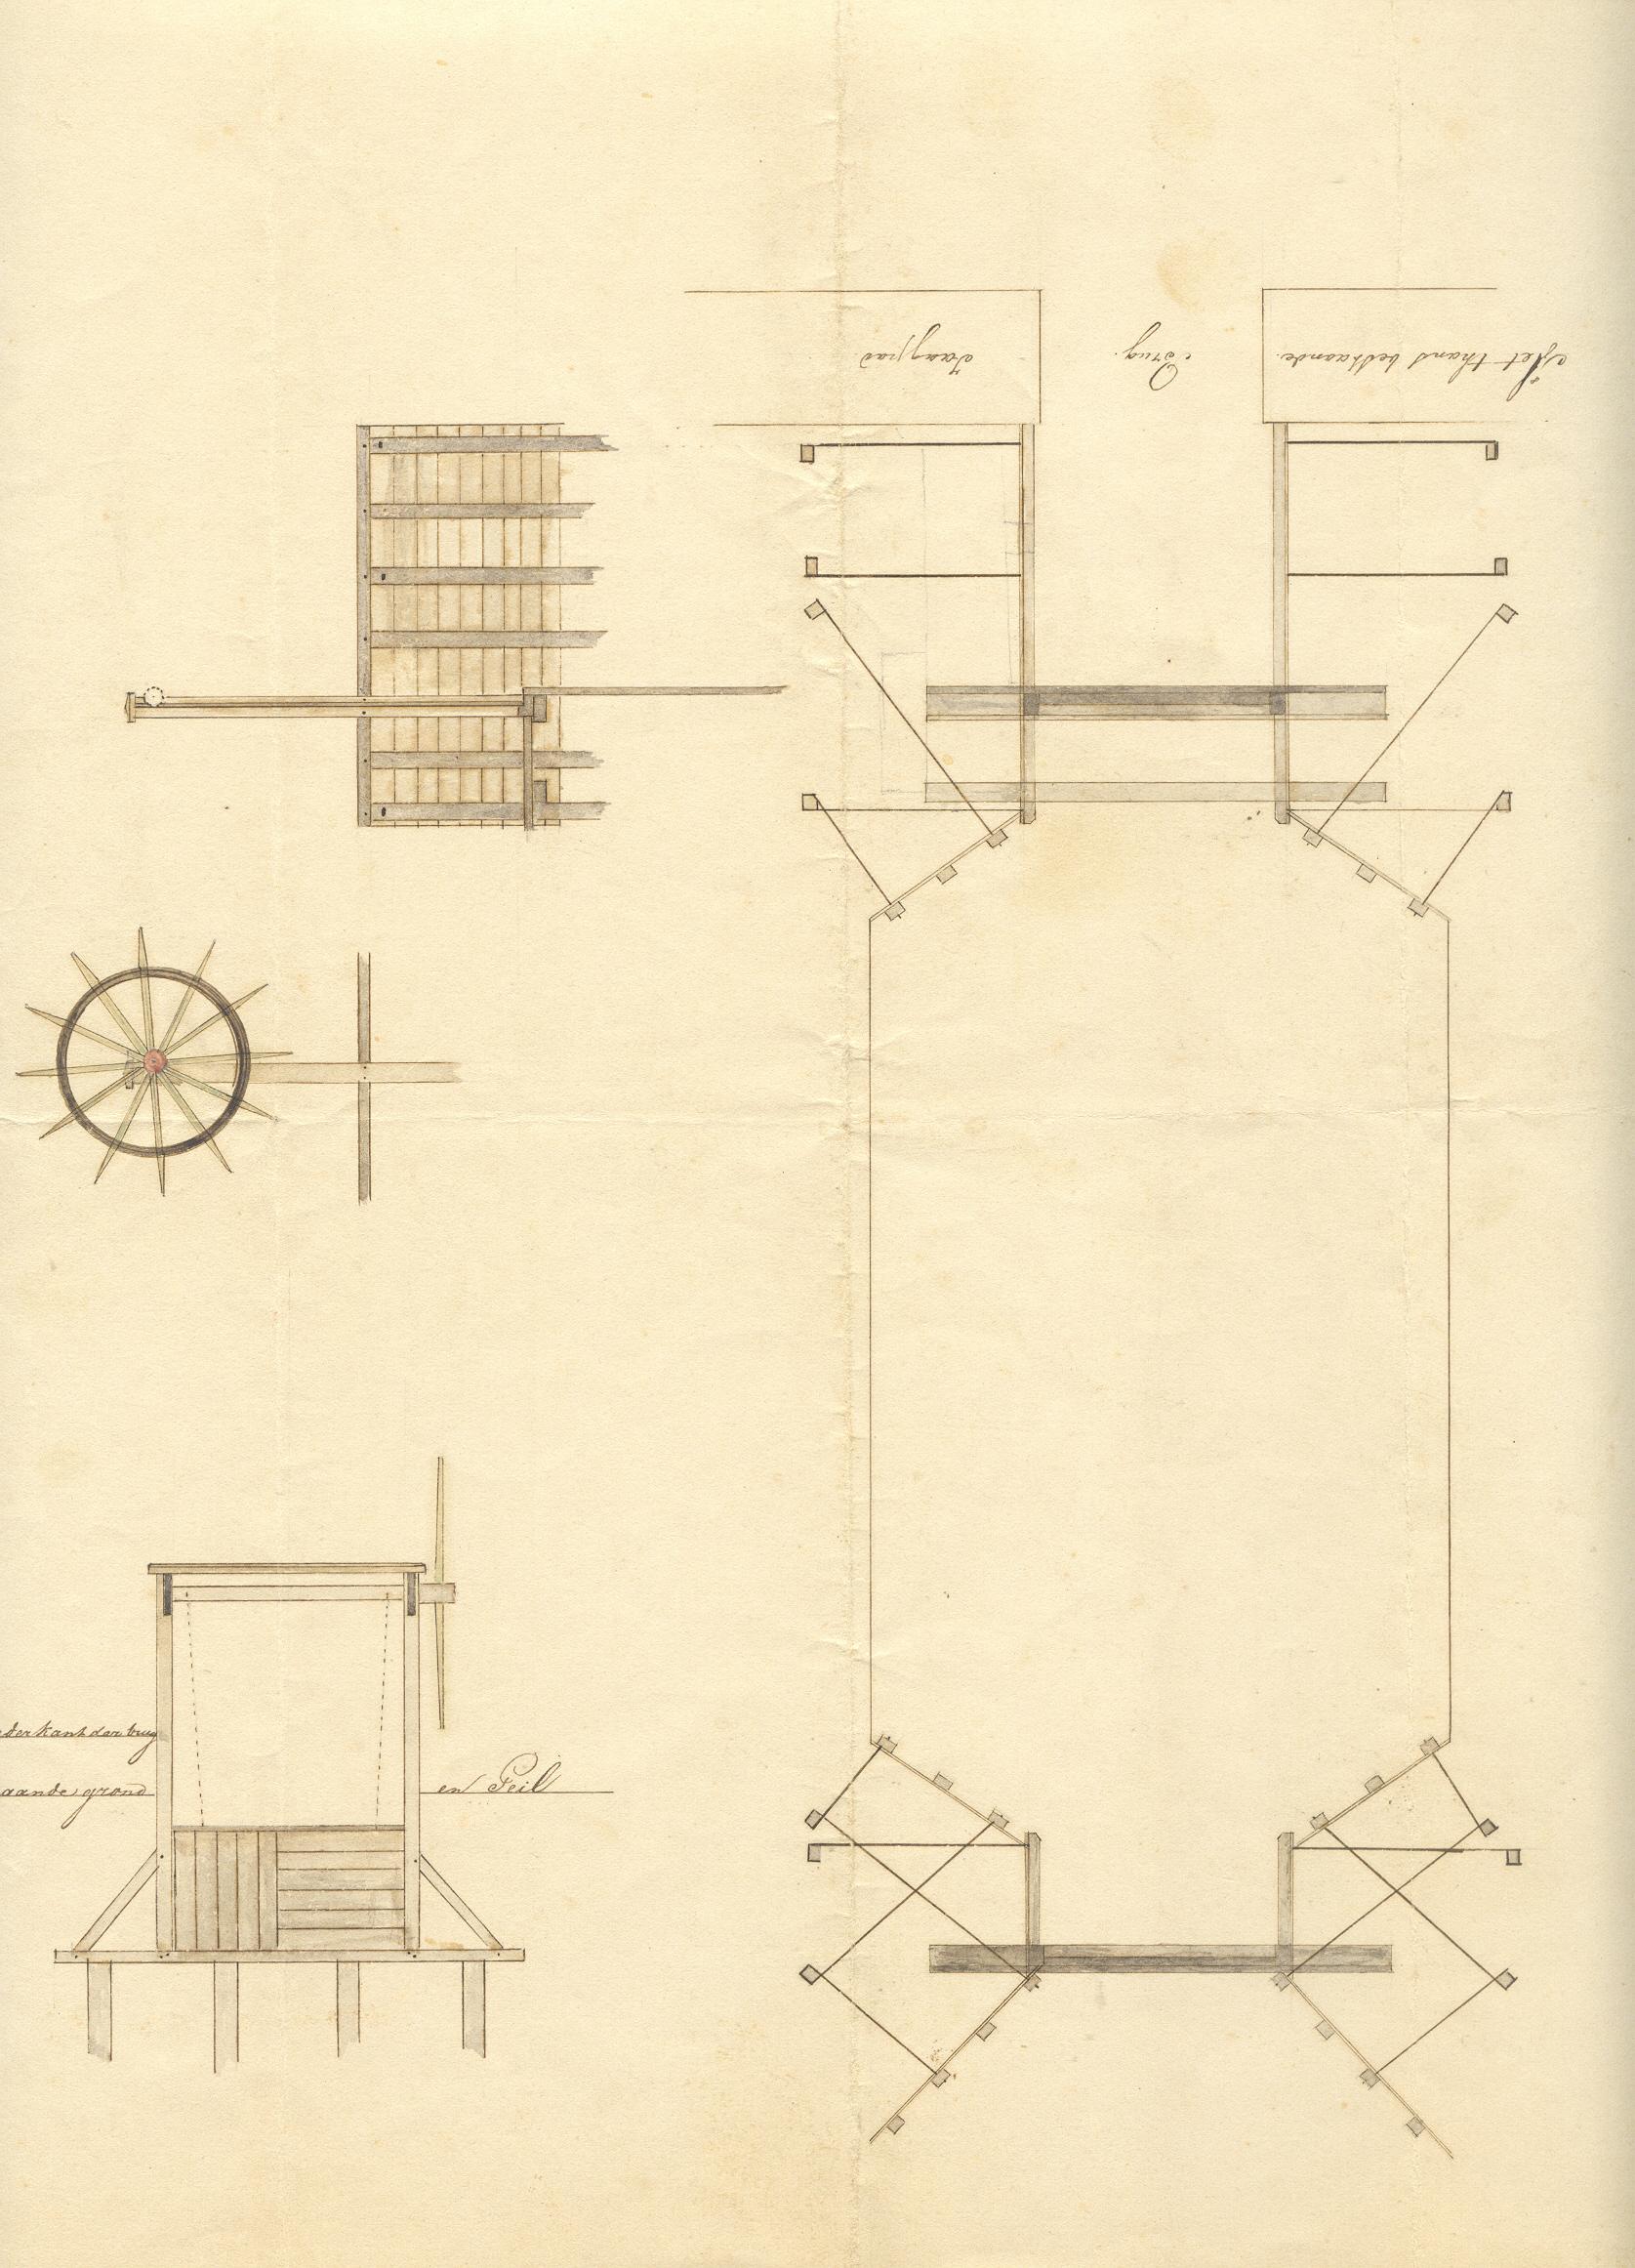 sluis oudeland 1871